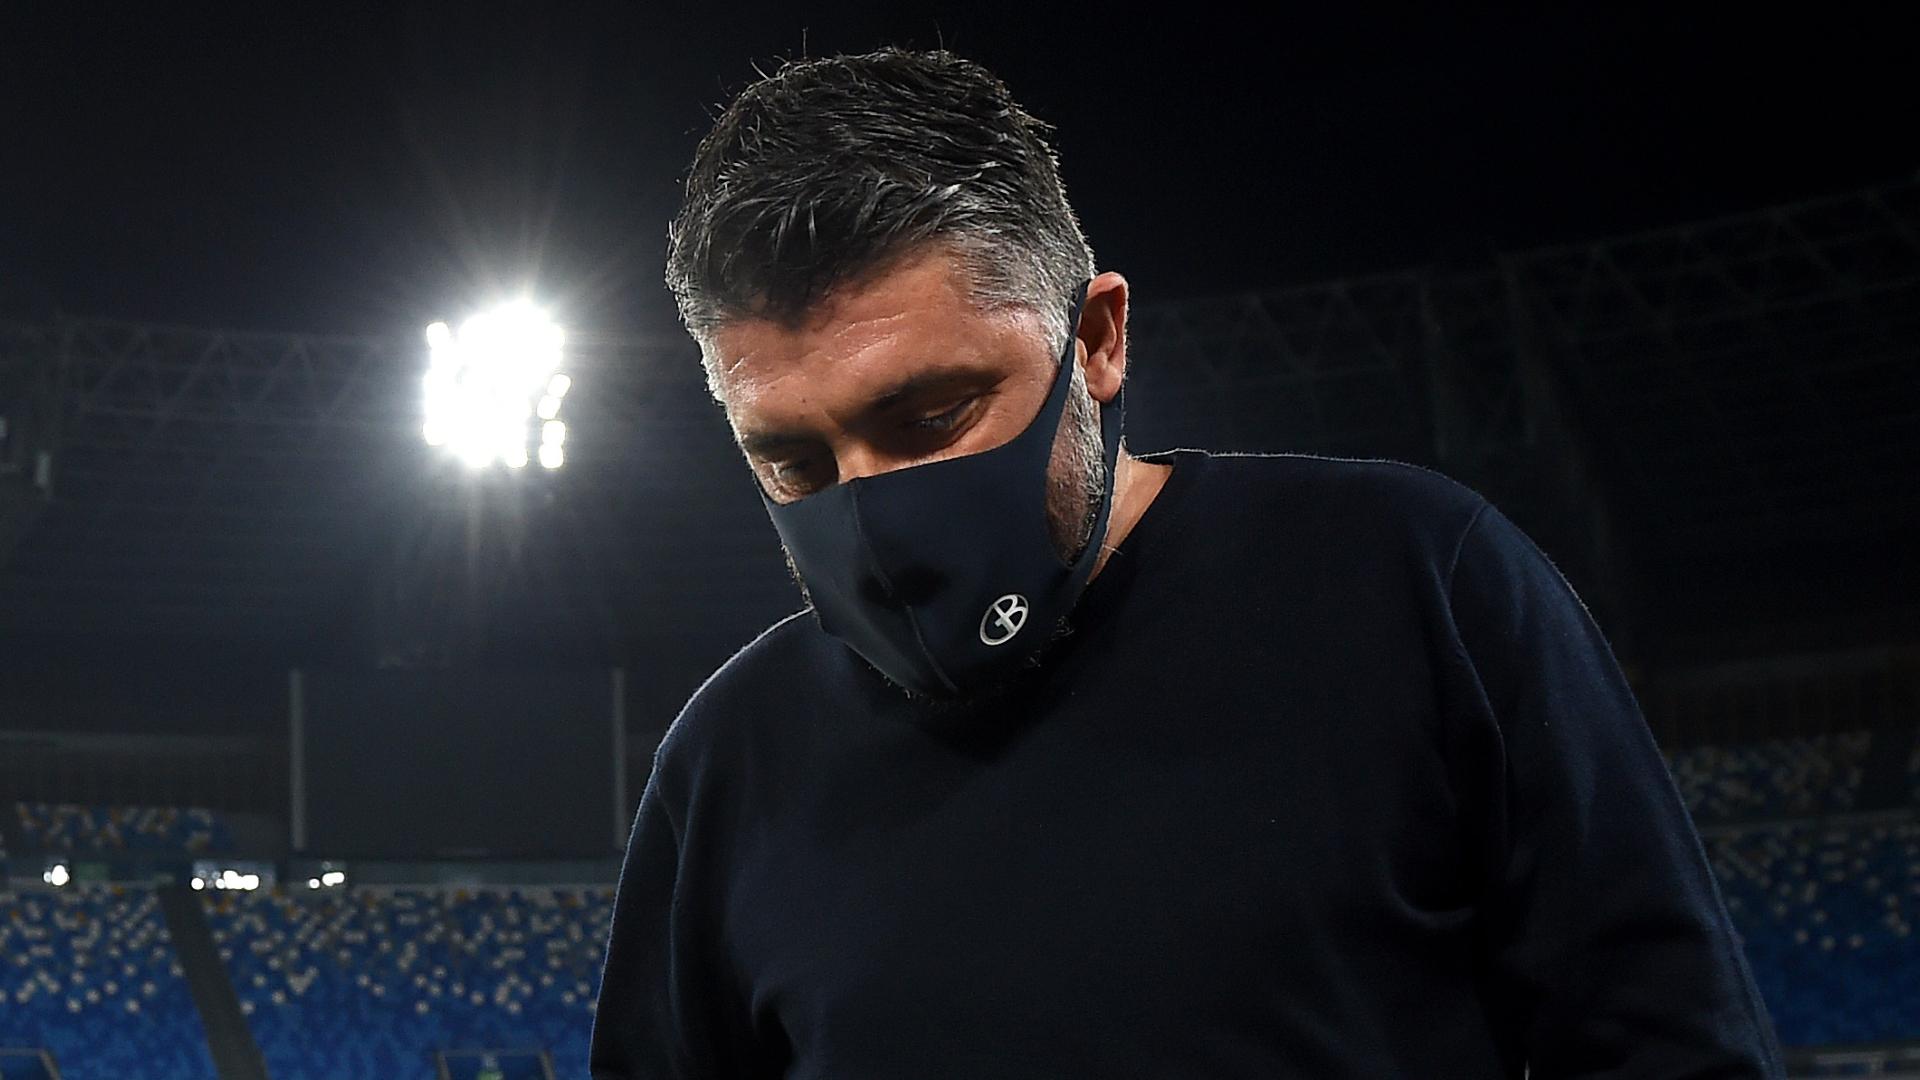 Coppa Italia, Napoli-Atalanta 0-0: troppa paura di perdere, si decide tutto al ritorno